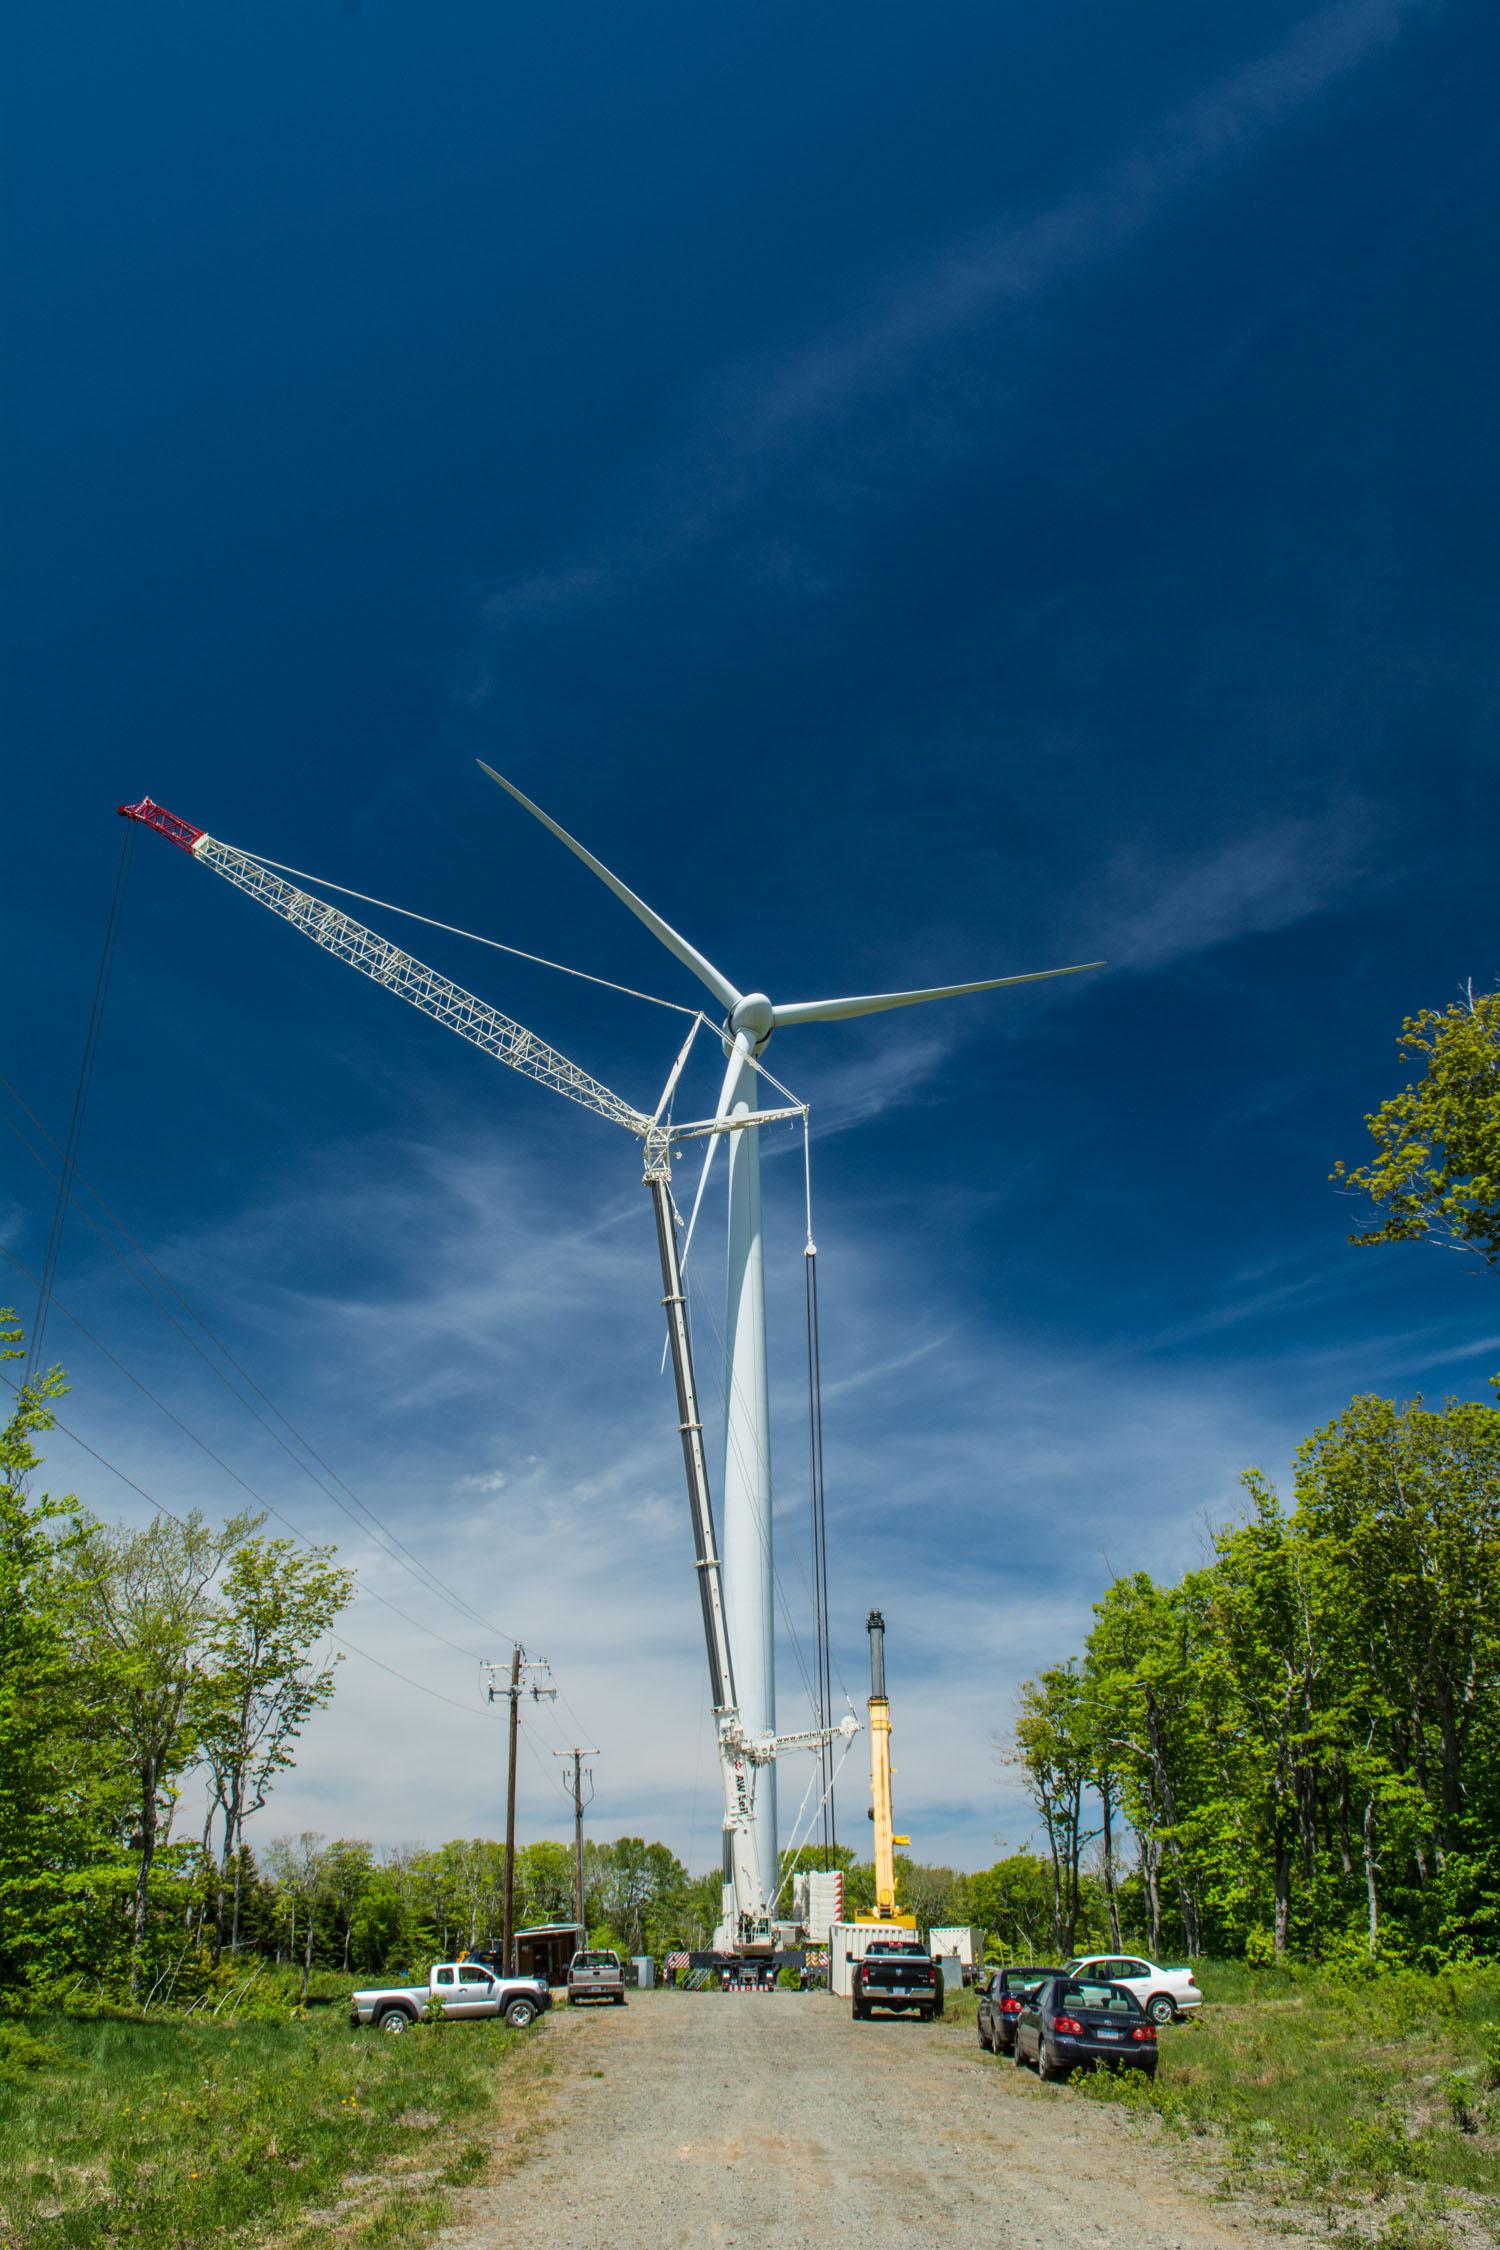 Crane and Wind Turbine